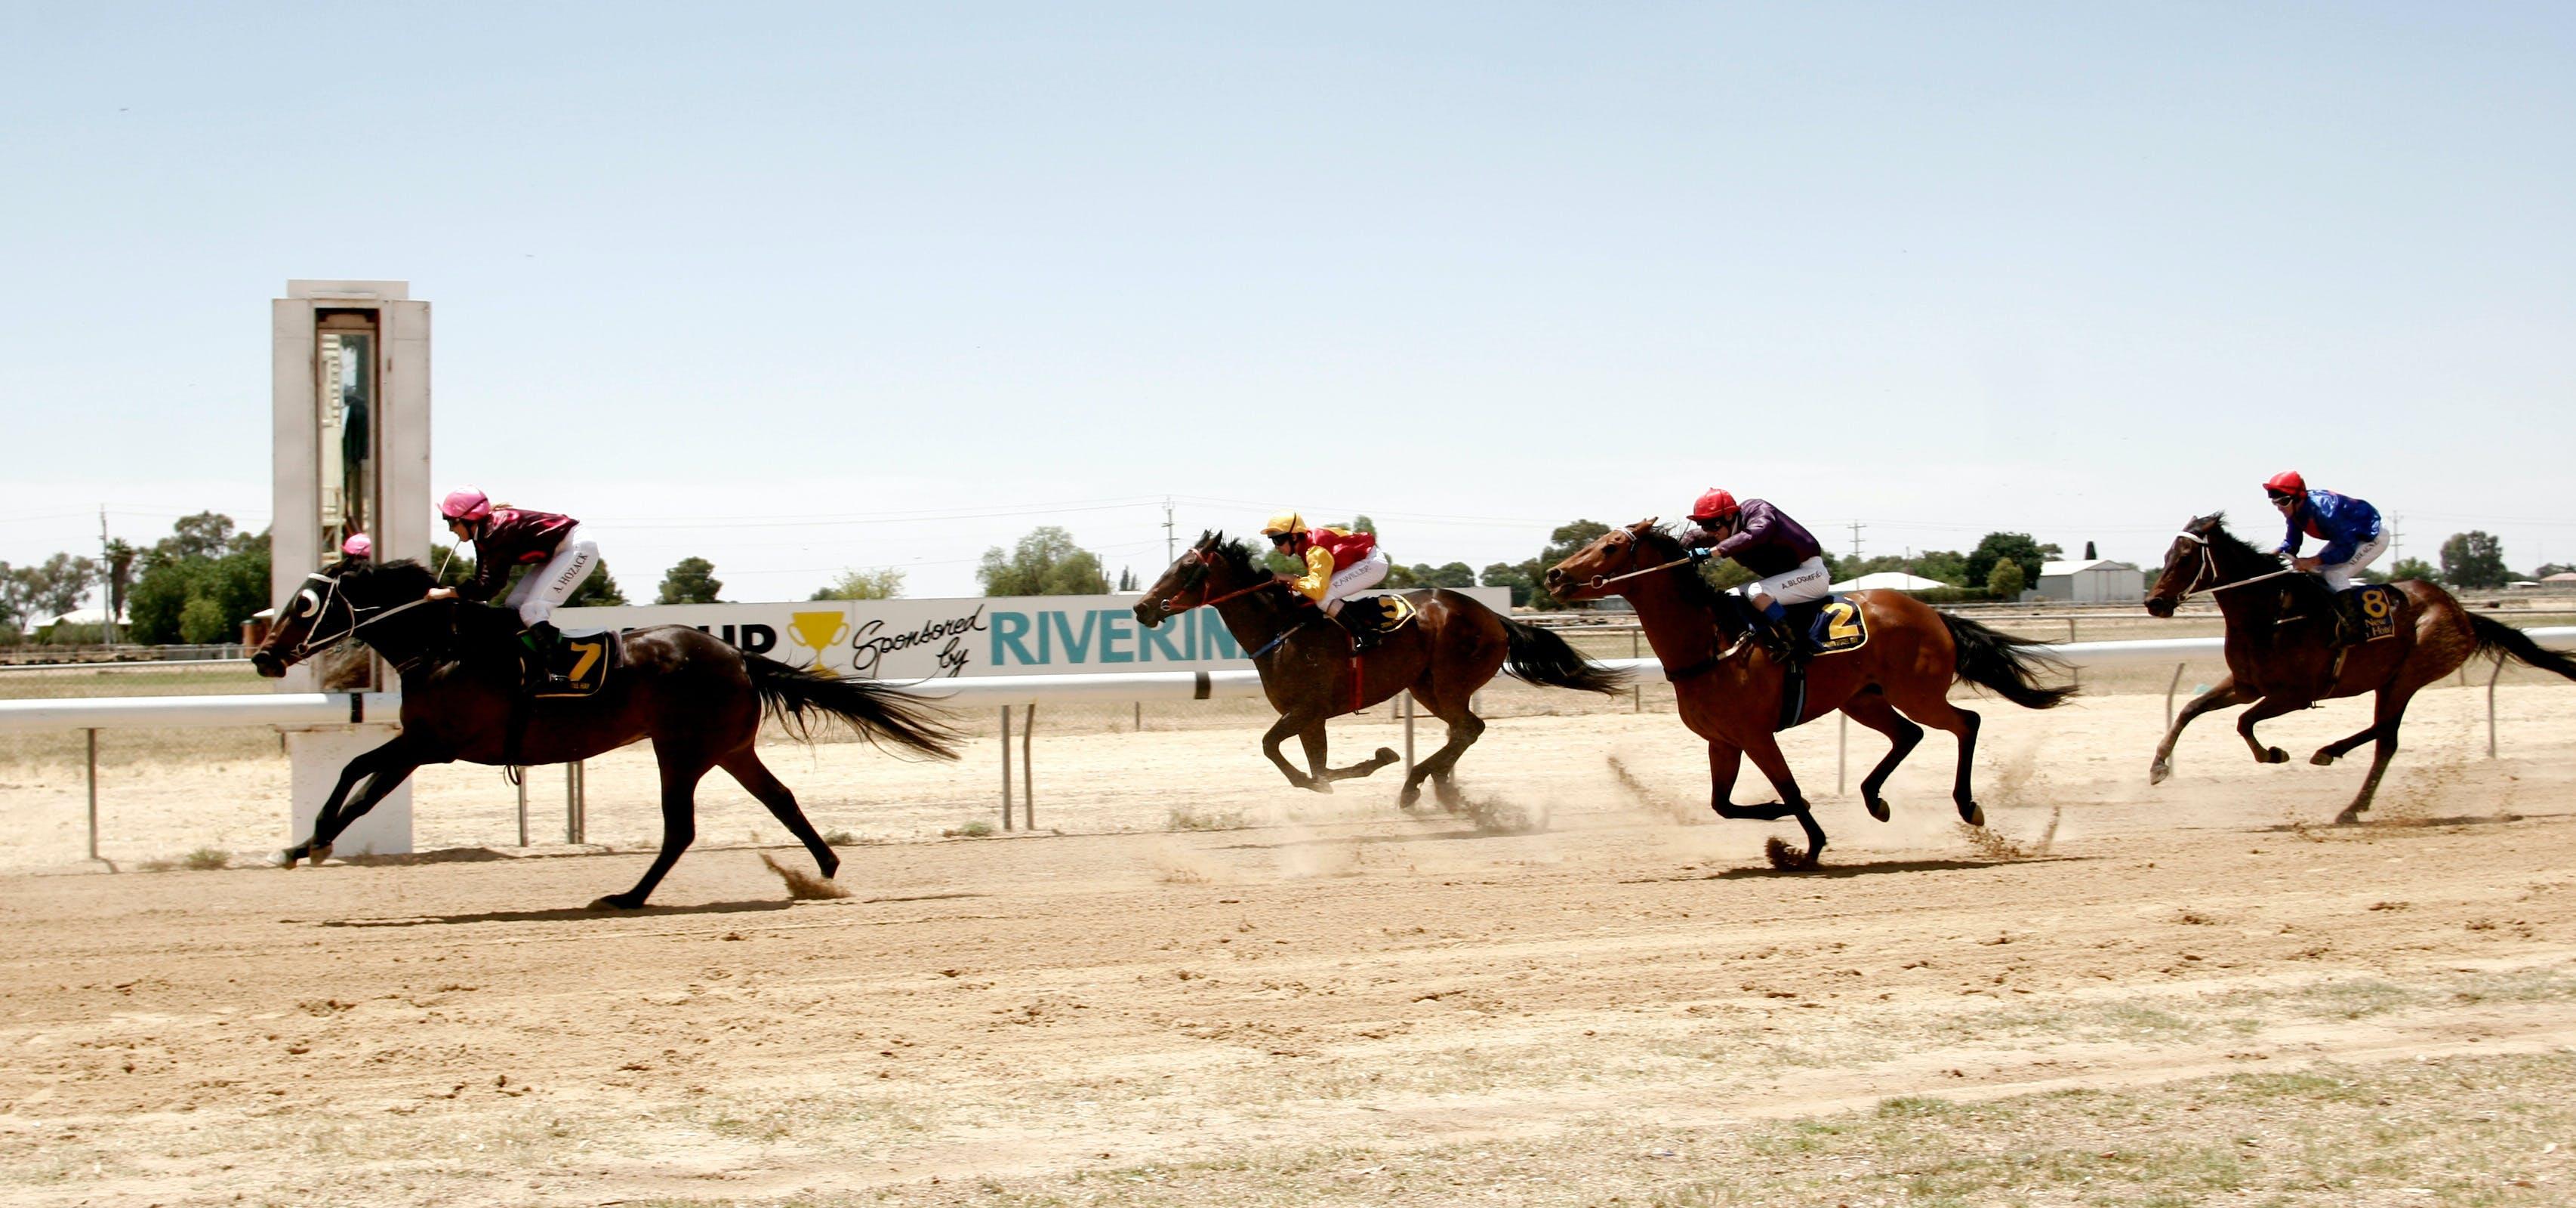 sofala show horse program average weight of sofa set nsw festivals and celebrations holidays accommodation carrathool races